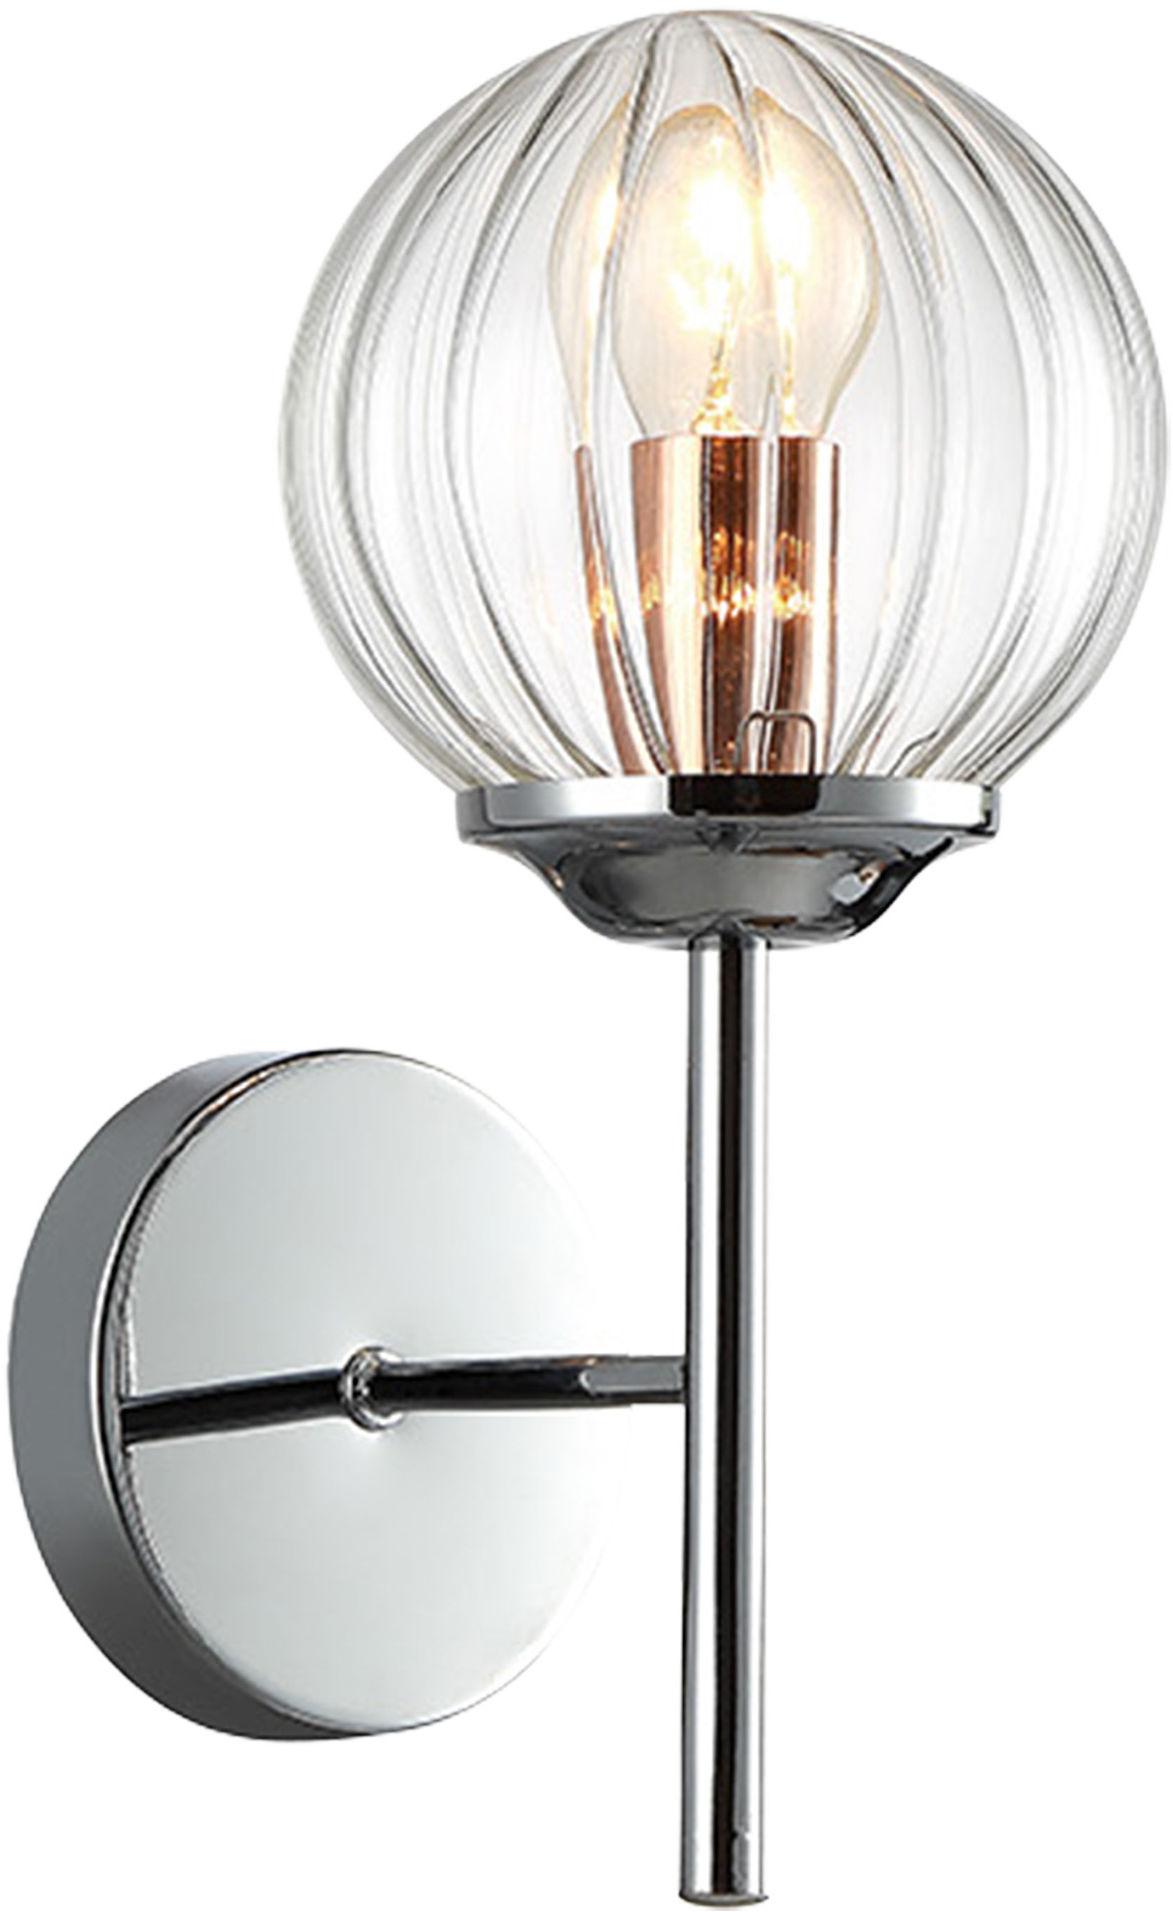 Candellux BEST 21-67234 kinkiet lampa ścienna chrom + miedź 1X40W E14